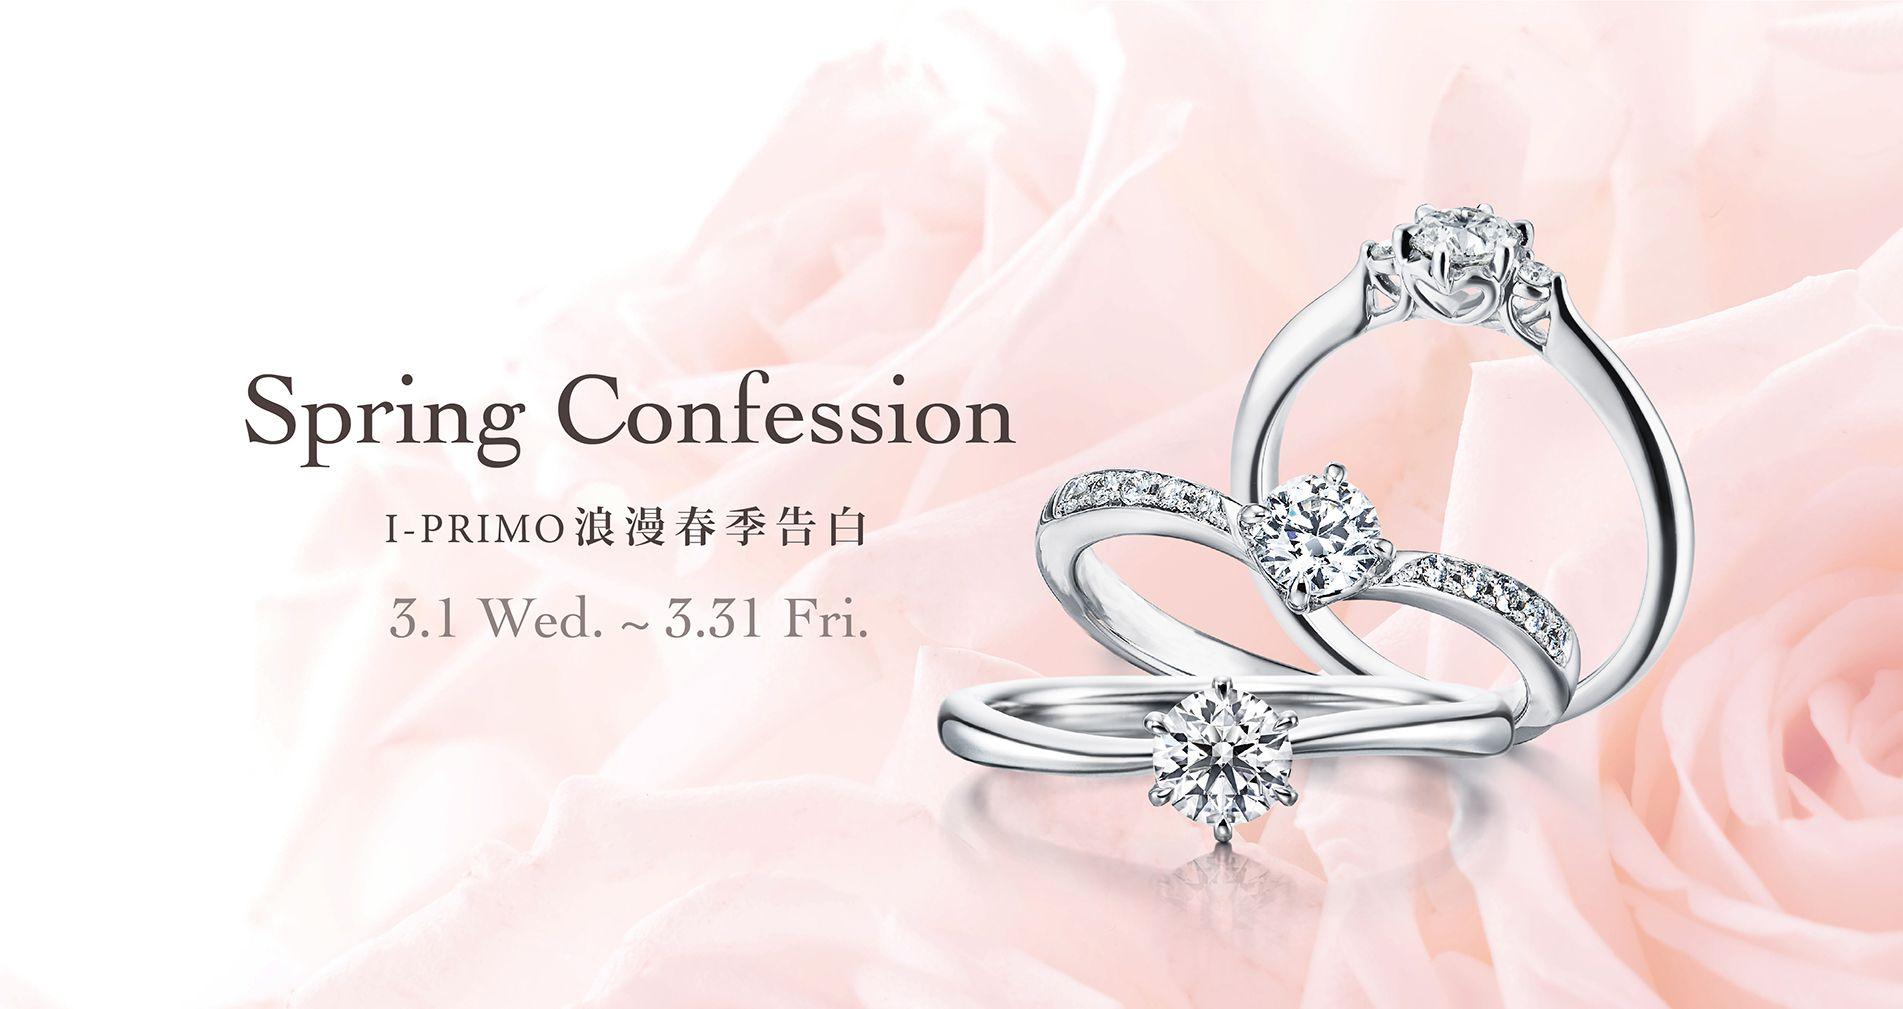 Spring Confession 浪漫春季告白